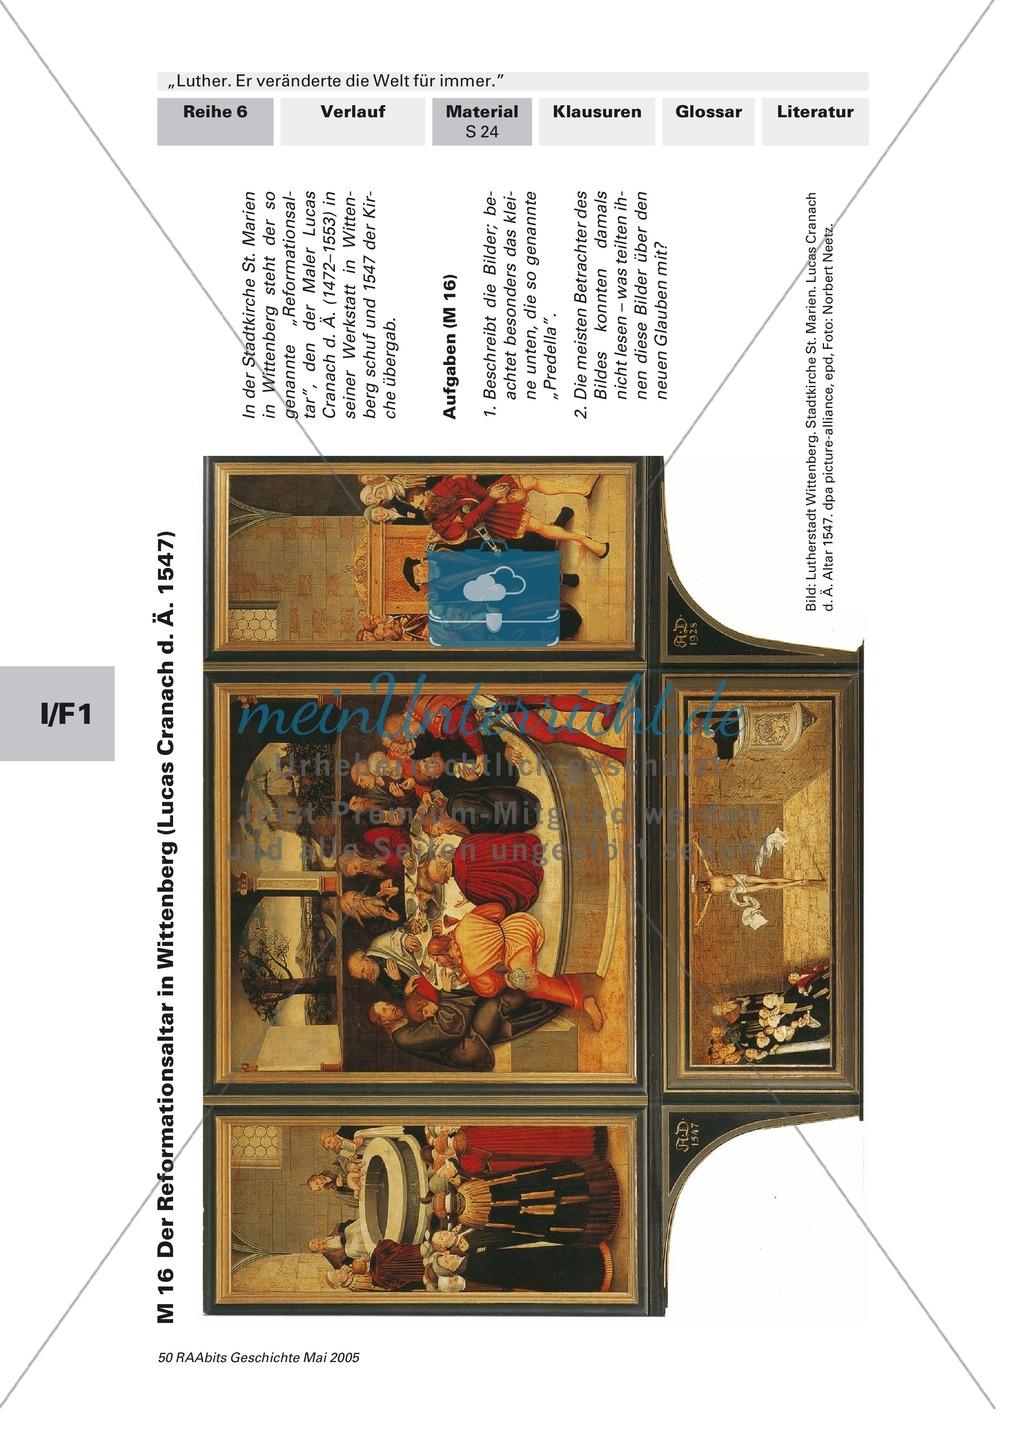 Der Reformationsaltar in Wittenberg: Gemälde von Lucas Cranach 1547 Preview 1